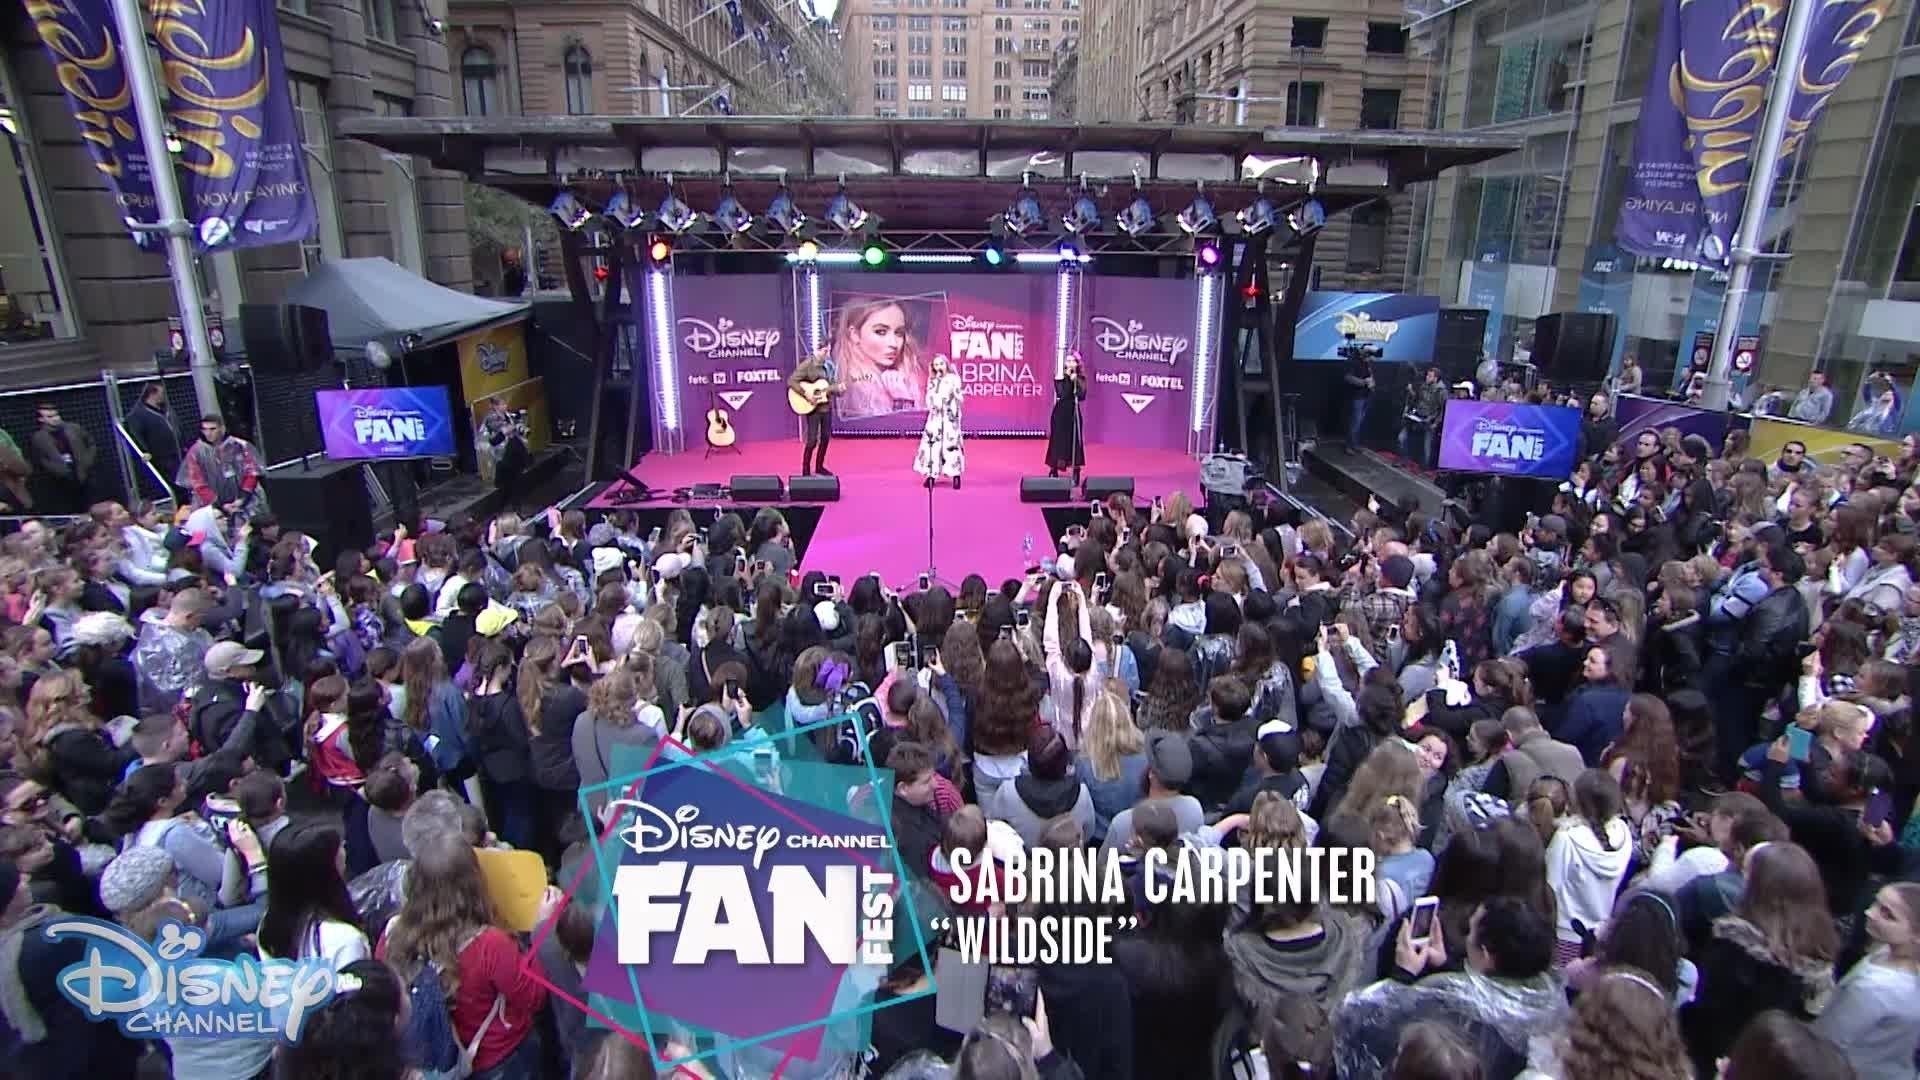 FanFest 2016 - Wildside: Sabrina Carpenter